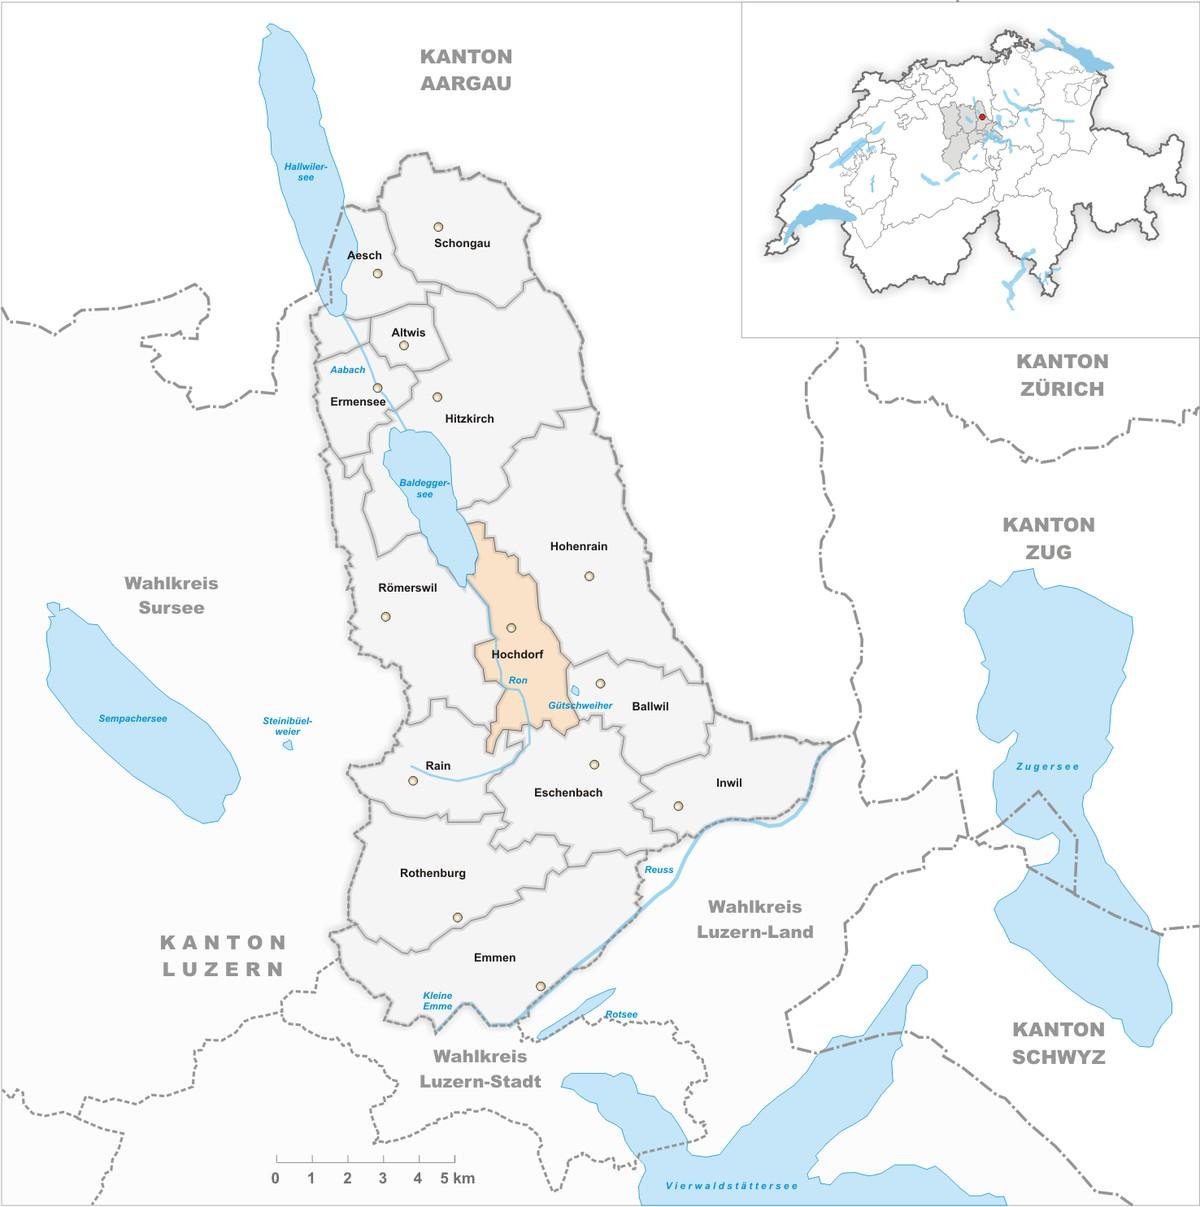 Plz Karte Schweiz.Plz Karte Schweiz Pdf Luxus Hochdorf Lu